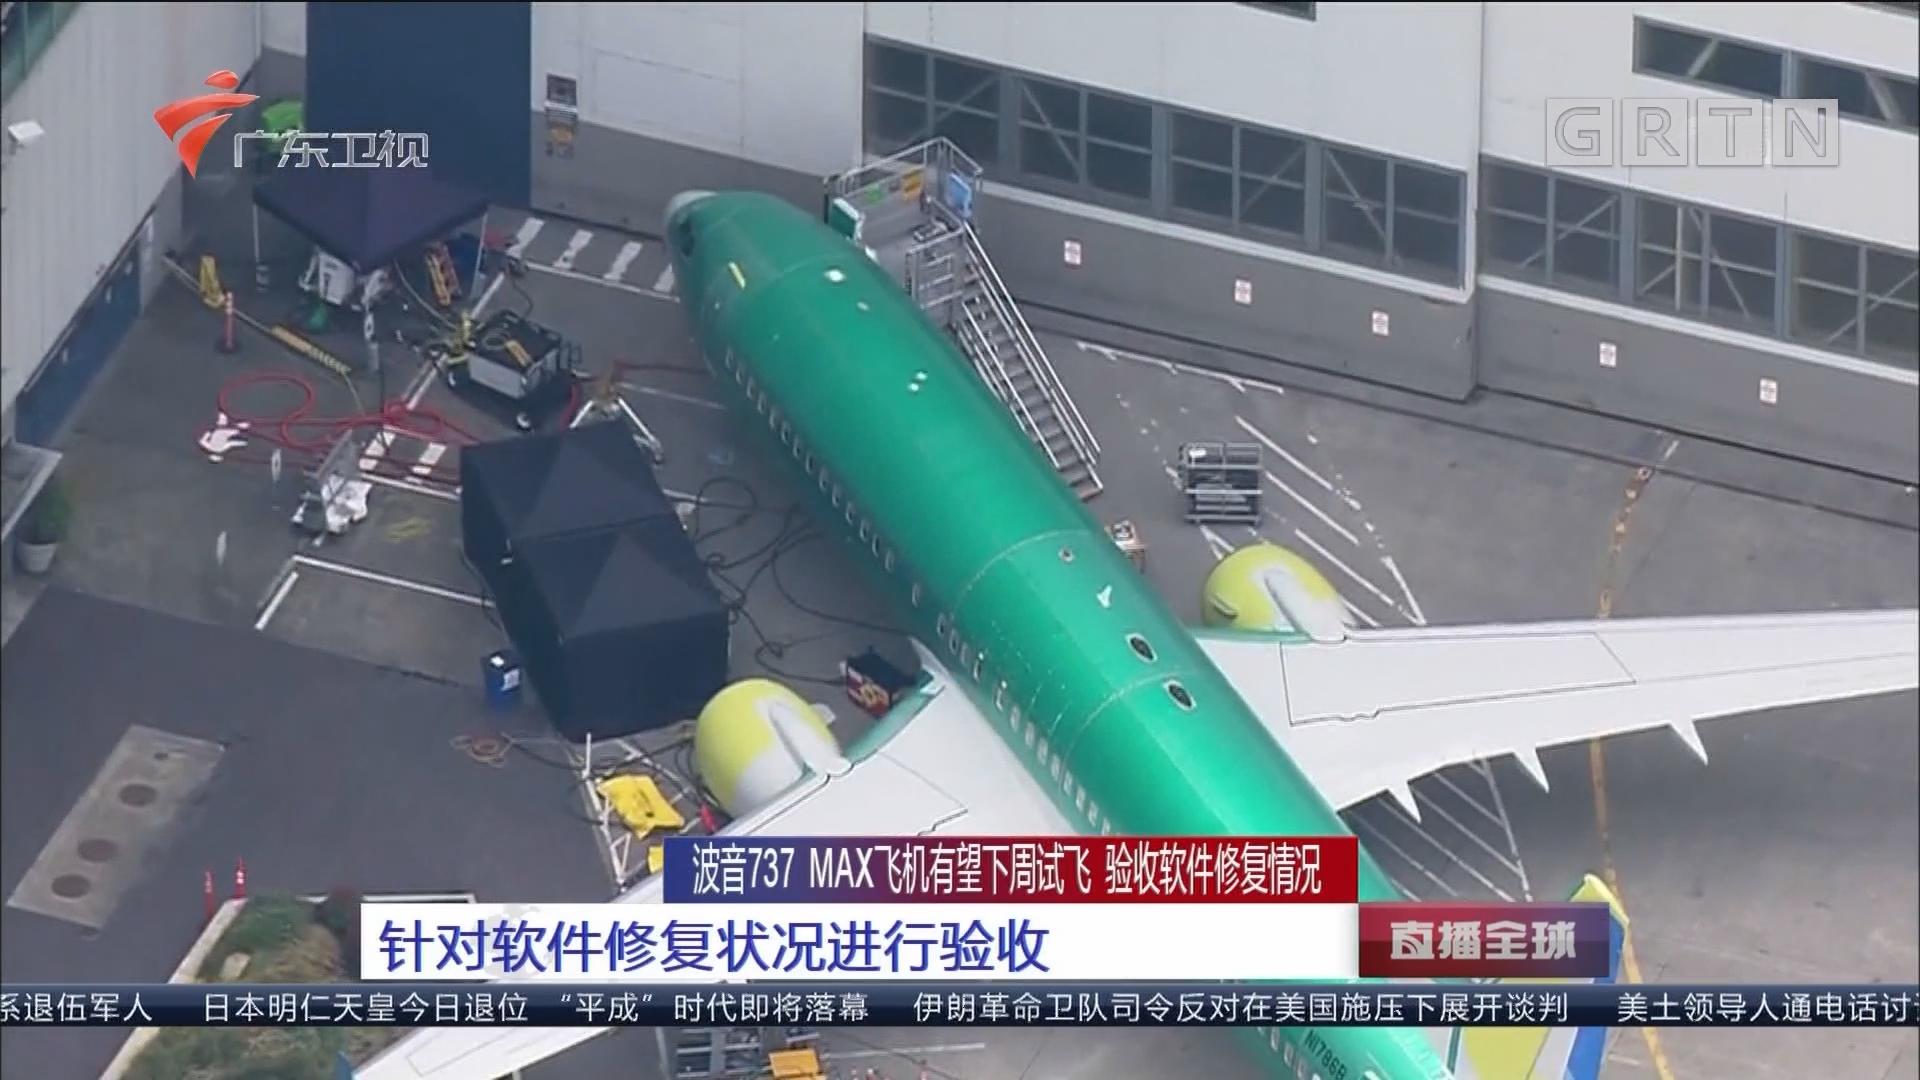 波音737 MAX飞机有望下周试飞 验收软件修复情况:针对软件修复状况进行验收